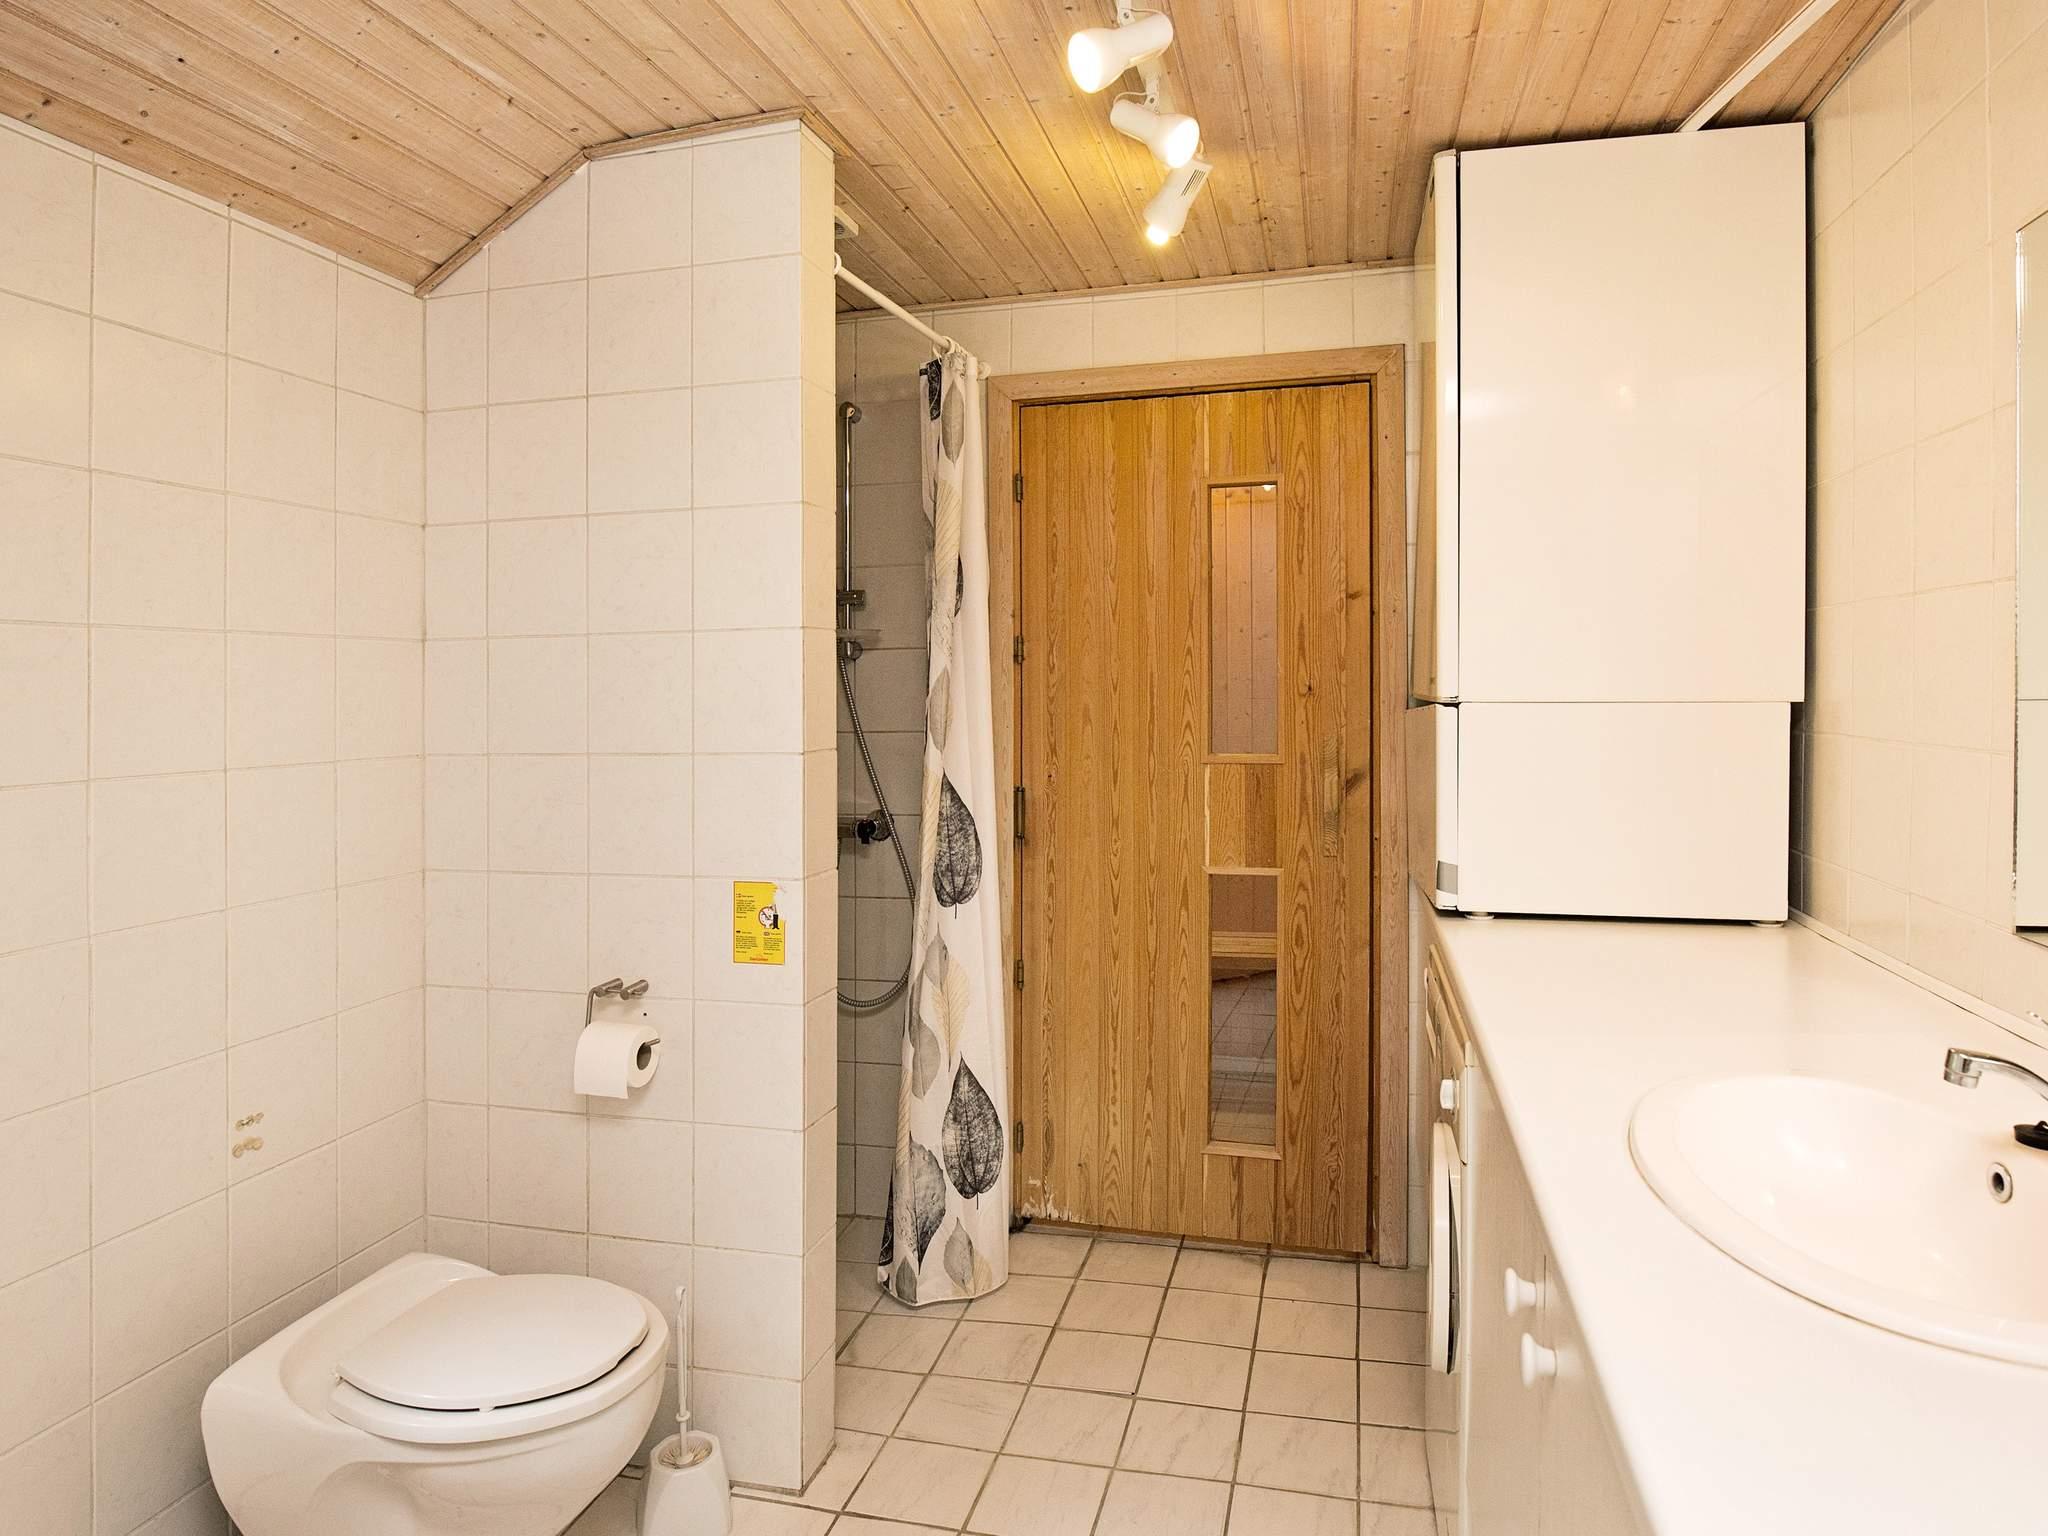 Maison de vacances Hummingen (84295), Hummingen, , Lolland, Danemark, image 19